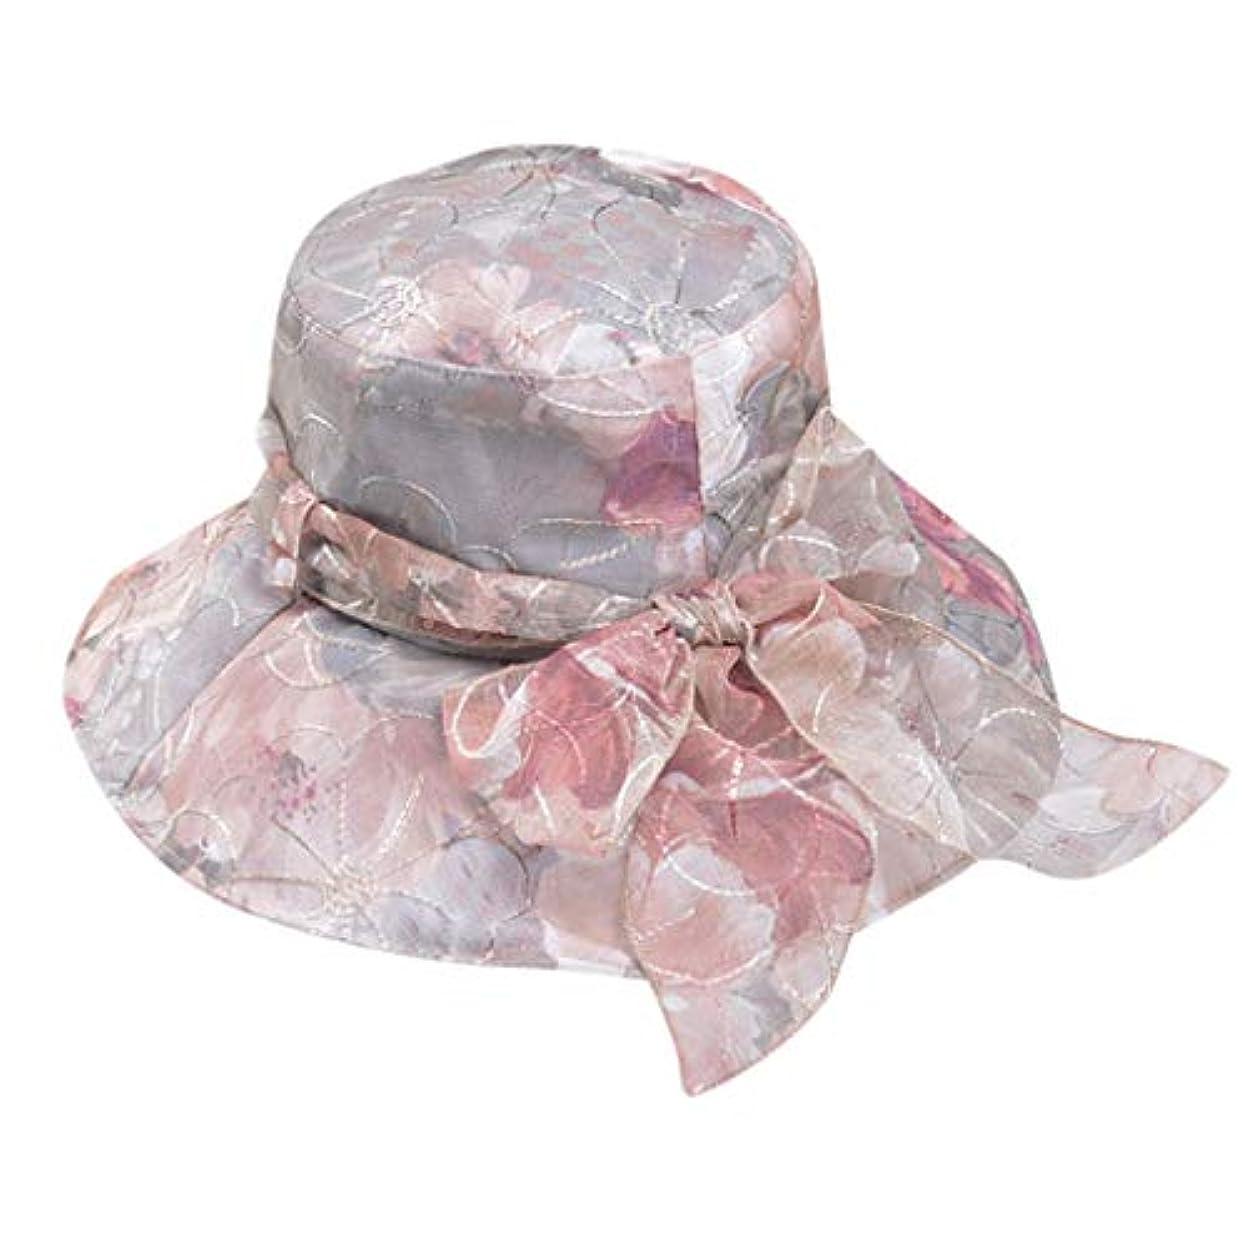 ほこりっぽいゲートウェイ民主党アウトドア レディース UVカット 帽子 シフォン 花柄 刺繍 ビーチ 紫外線対策 日焼け防止 女優帽 つば広 プリンセス 夏 必須 おしゃれ ハット レディース 可愛い かわいい ファッション トレンド ROSE ROMAN